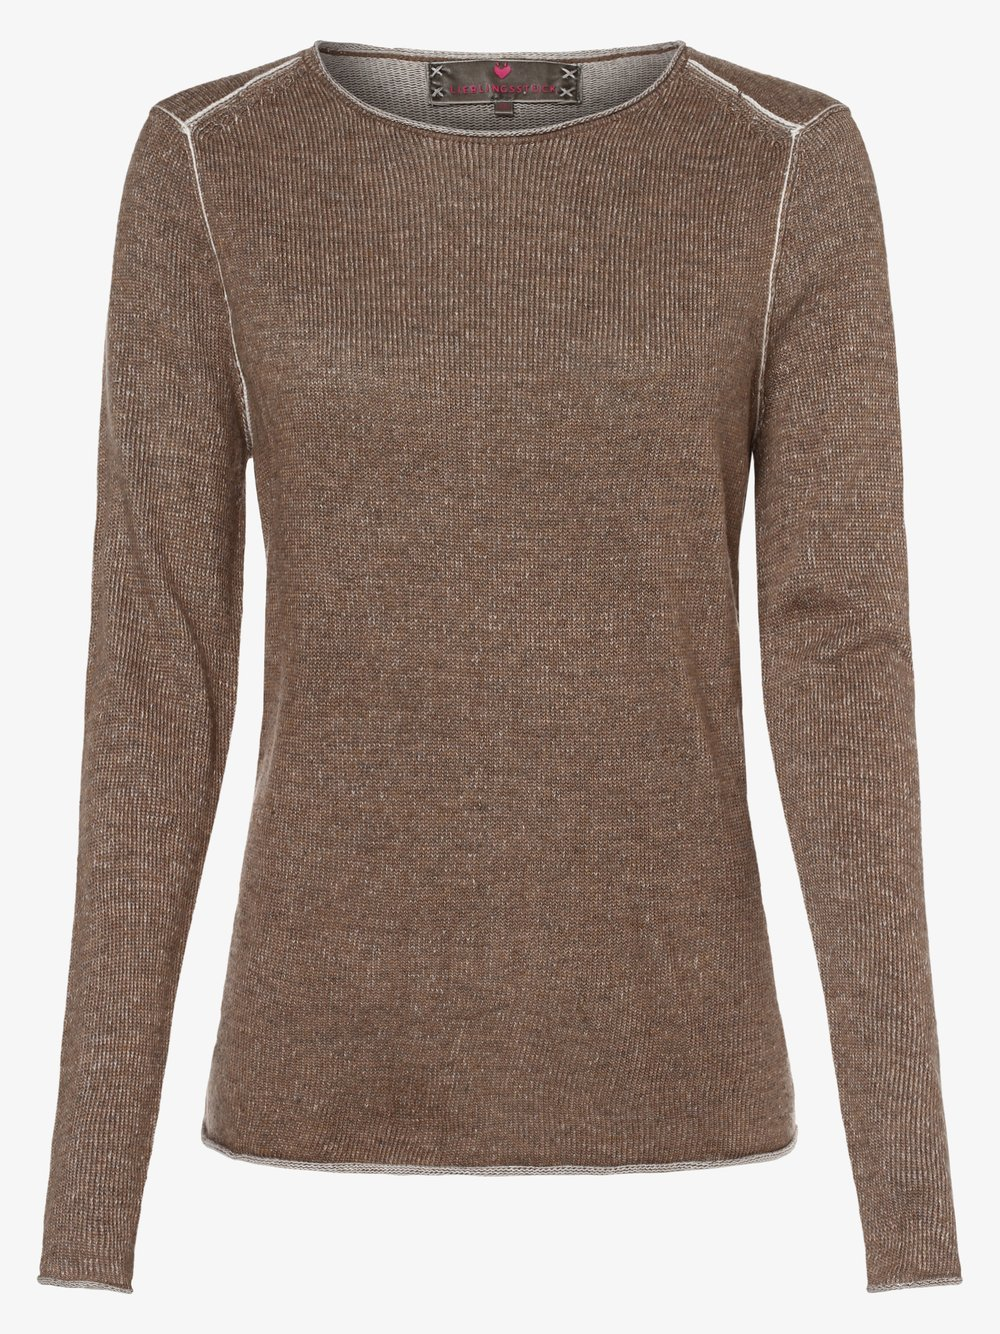 Lieblingsstück – Sweter damski – HalinaL, brązowy Van Graaf 457267-0002-00420